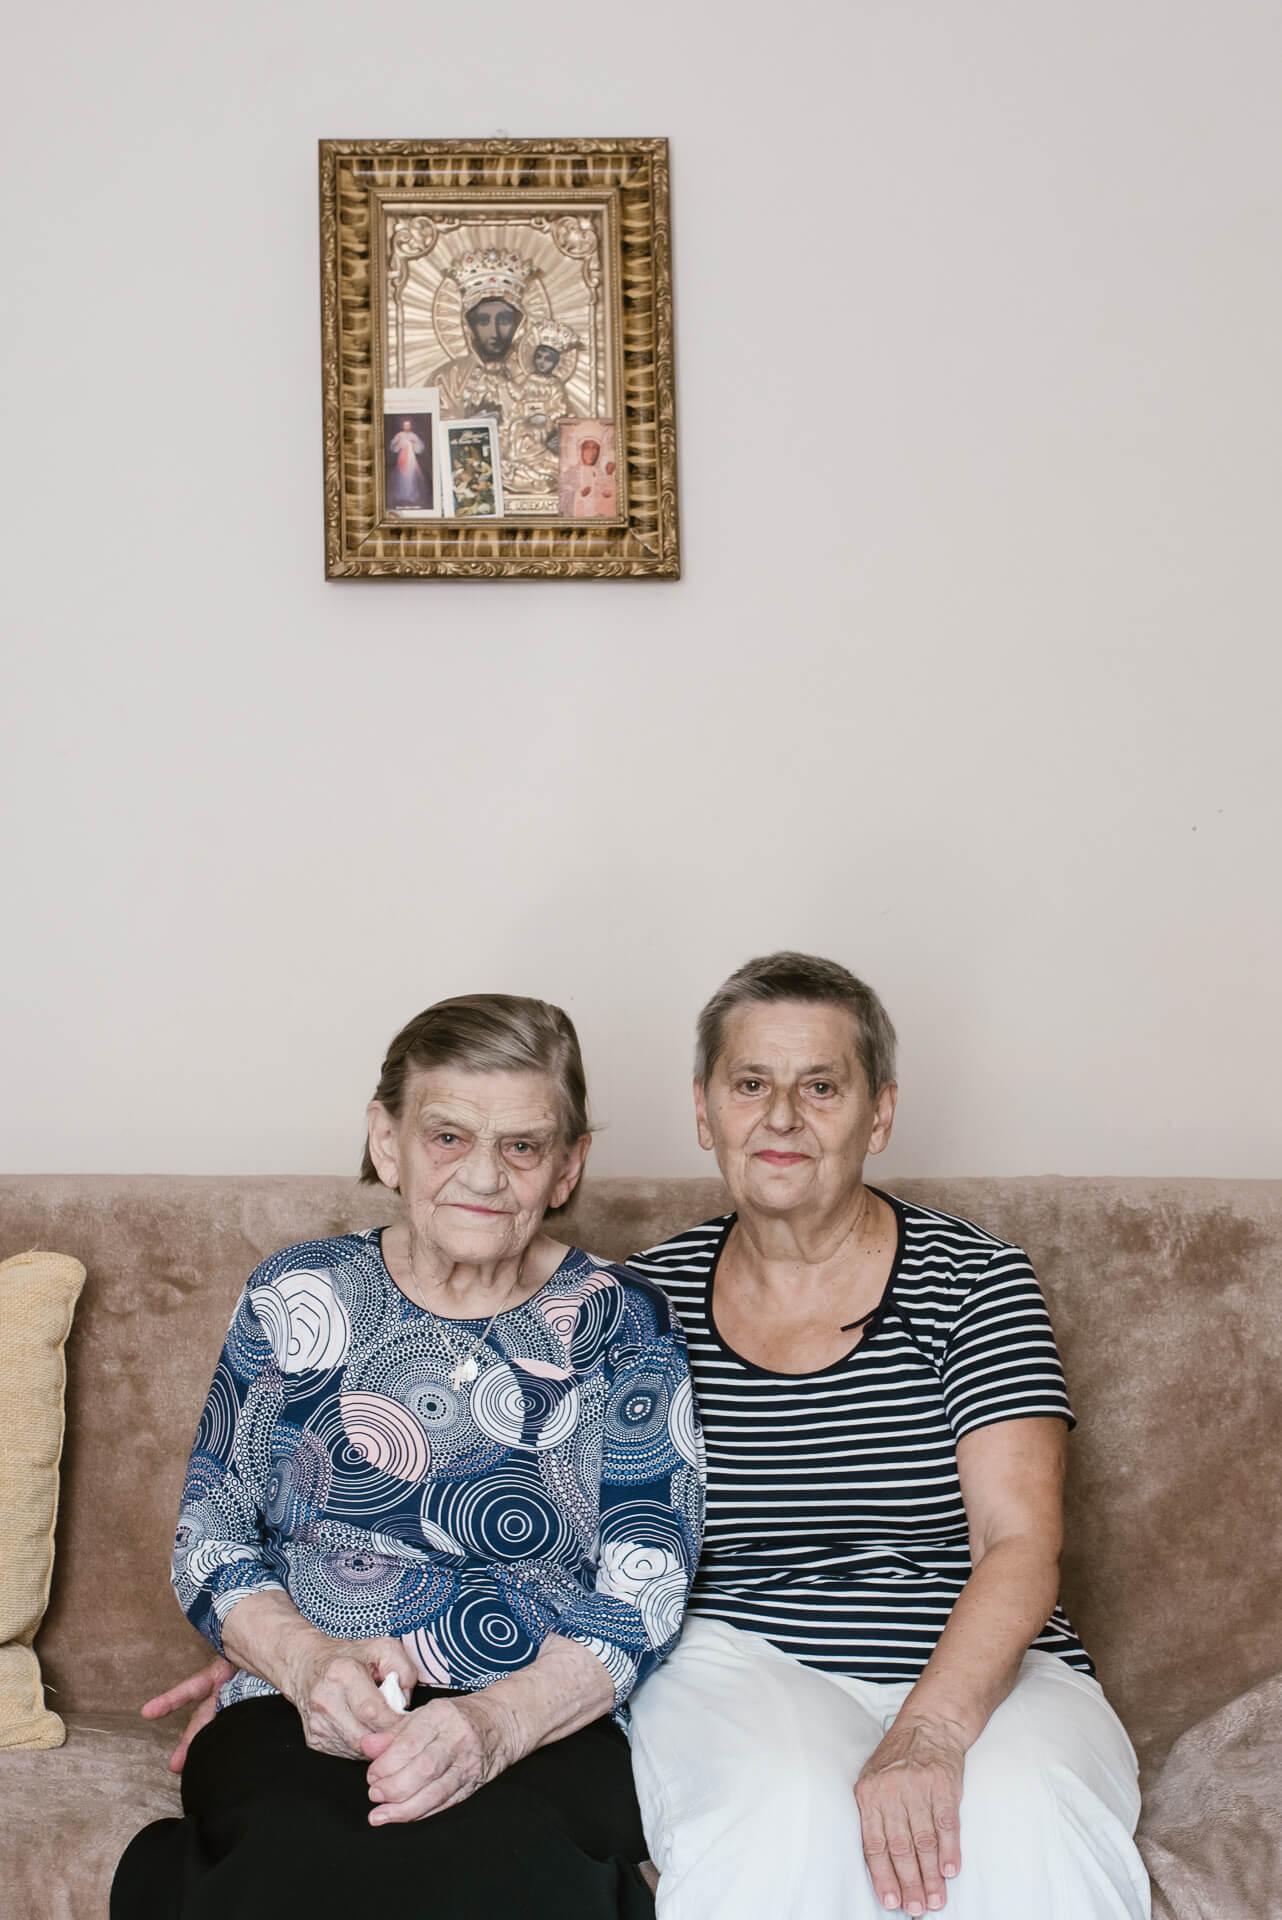 babcia i prababcia siedzą na wersalce